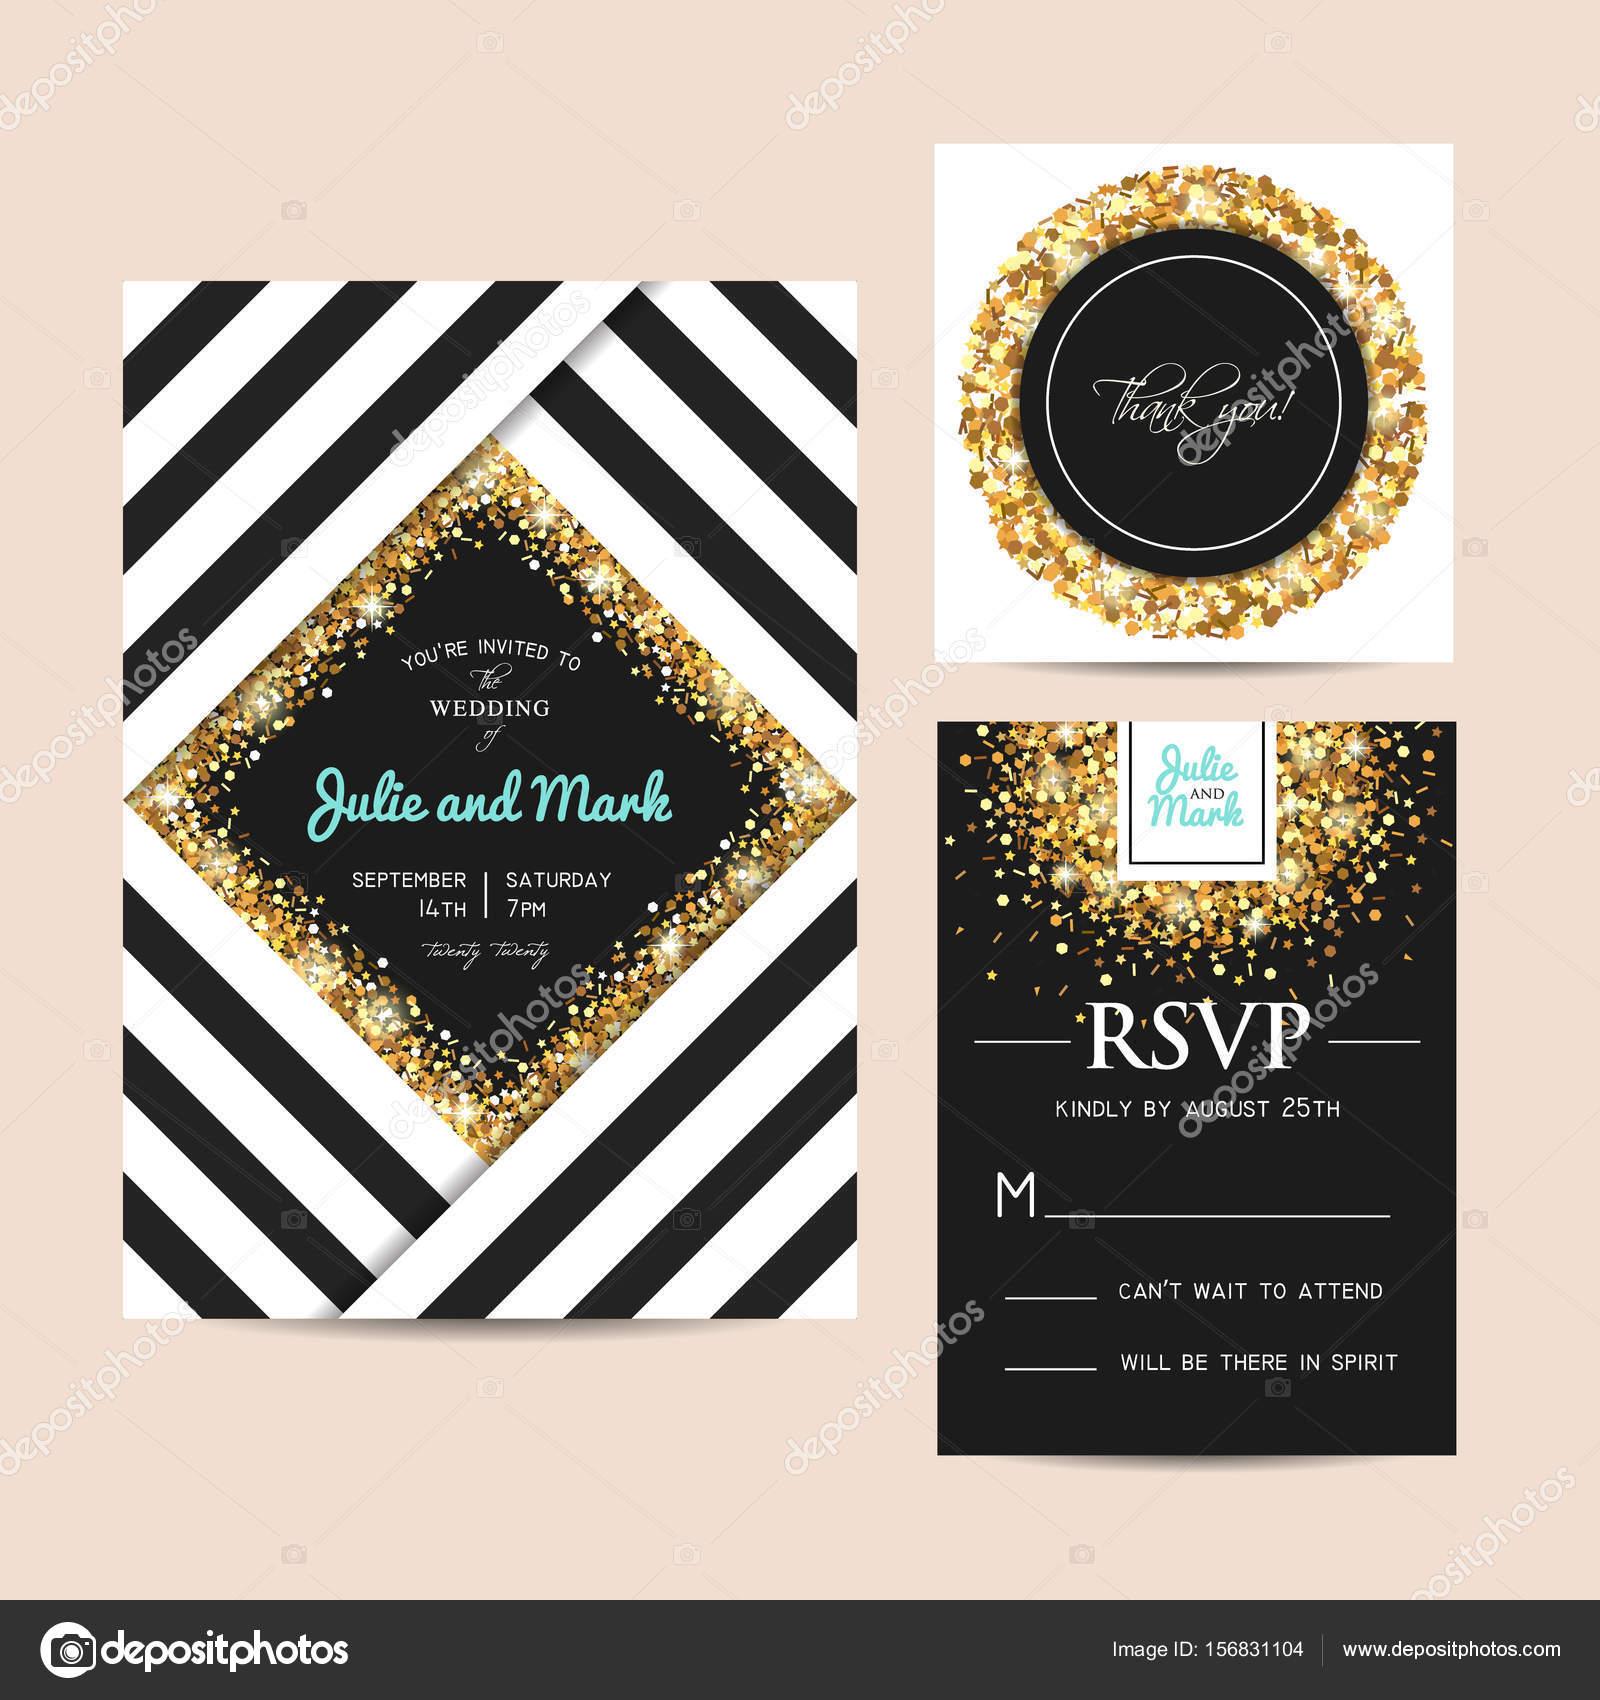 Stilvolle Hochzeit Einladungskarten Set Mit Goldenen Glitzer Verziert.  Goldene Funken Auf Einer Geometrischen Vorlage U2014 Vektor Von Tomiganka